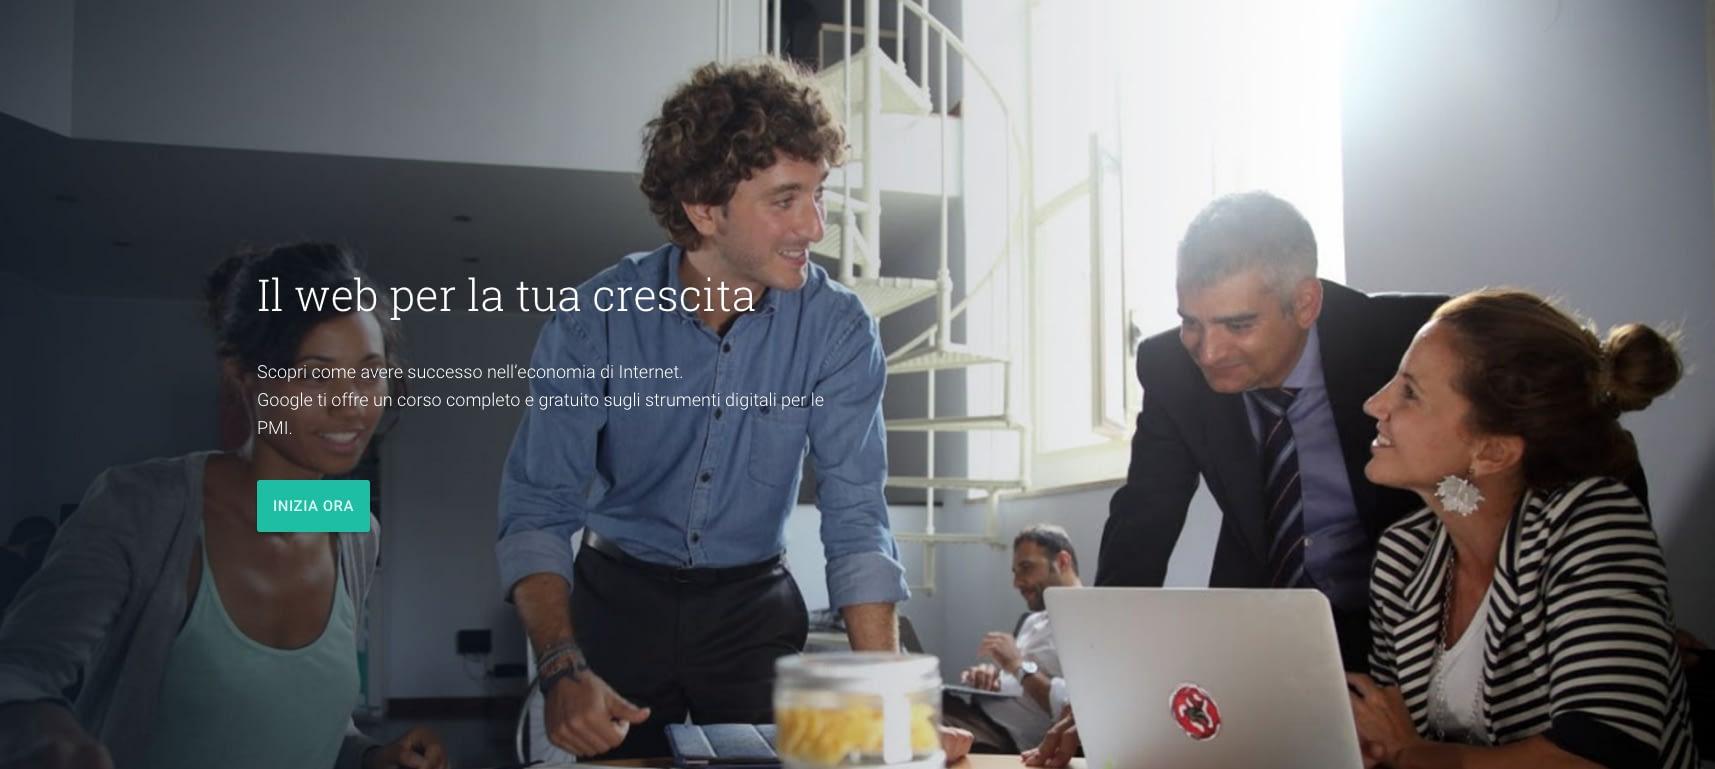 """corso gratuito: Google presenta """"Made in Italy - Eccellenze in Digitale"""""""